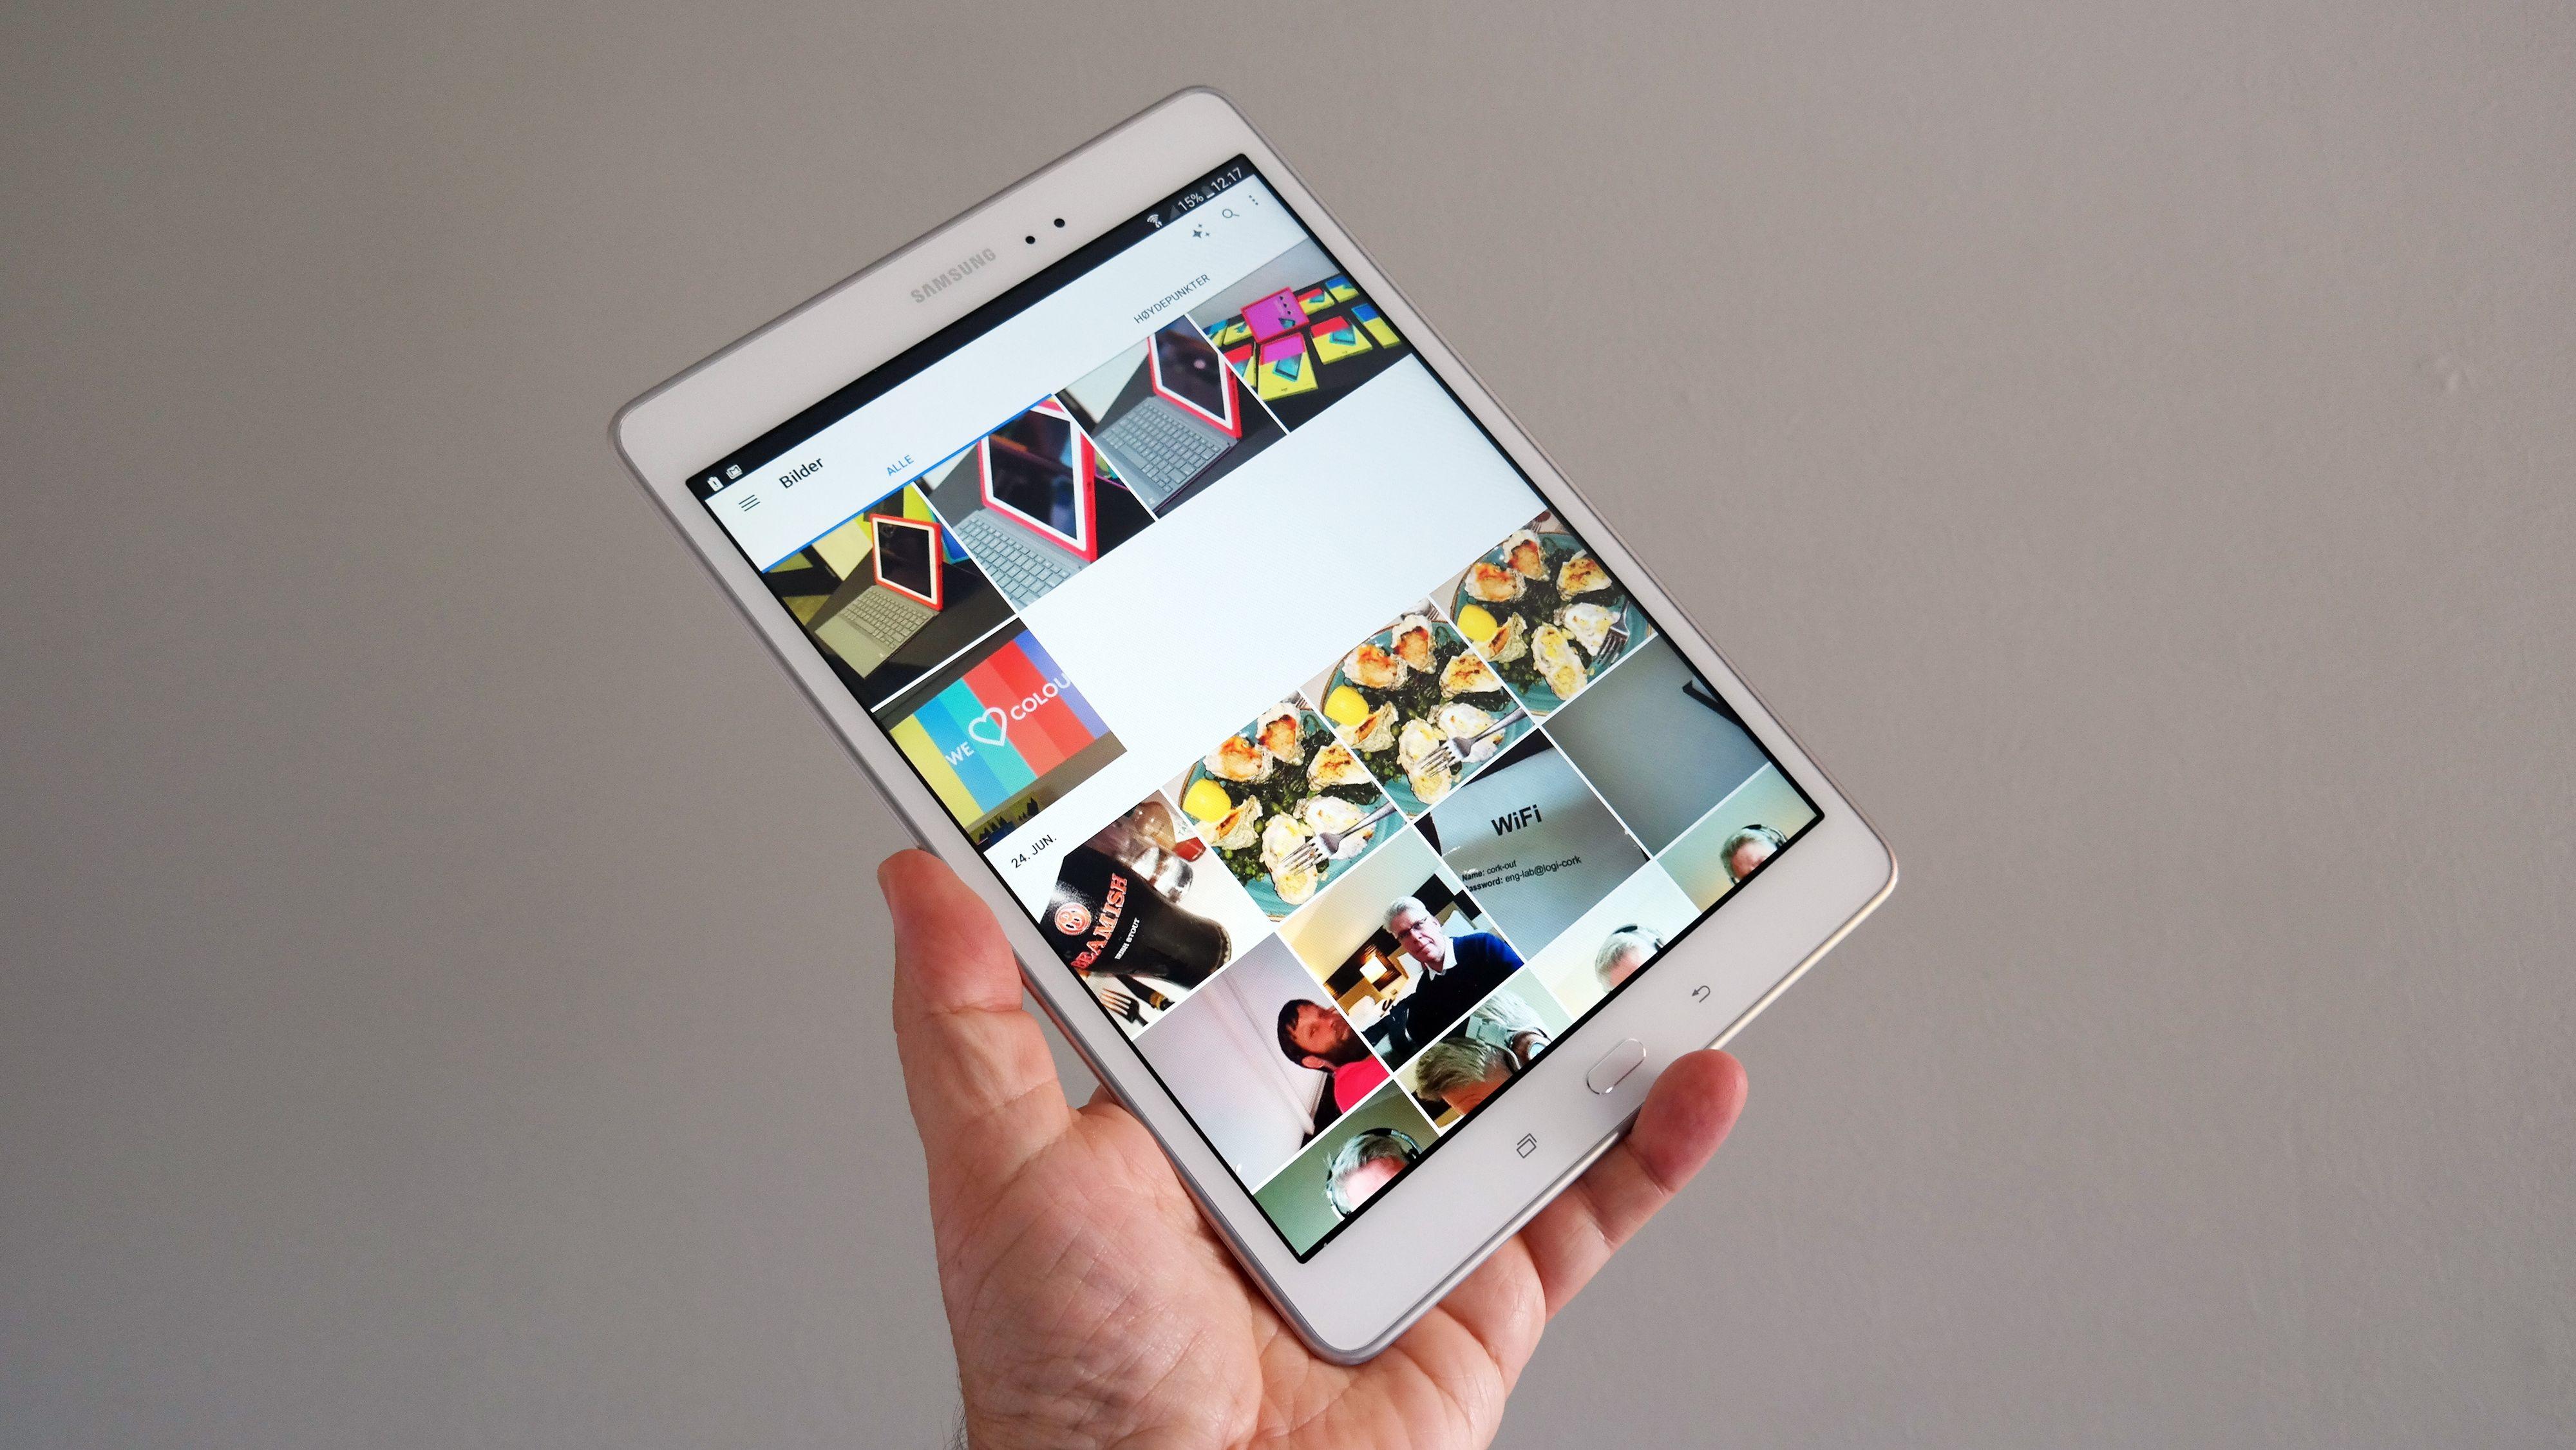 Tab A har funksjonstasten under skjermen, slik den også er plassert på Samsungs mobiltelefoner. Foto: Espen Irwing Swang, Tek.no